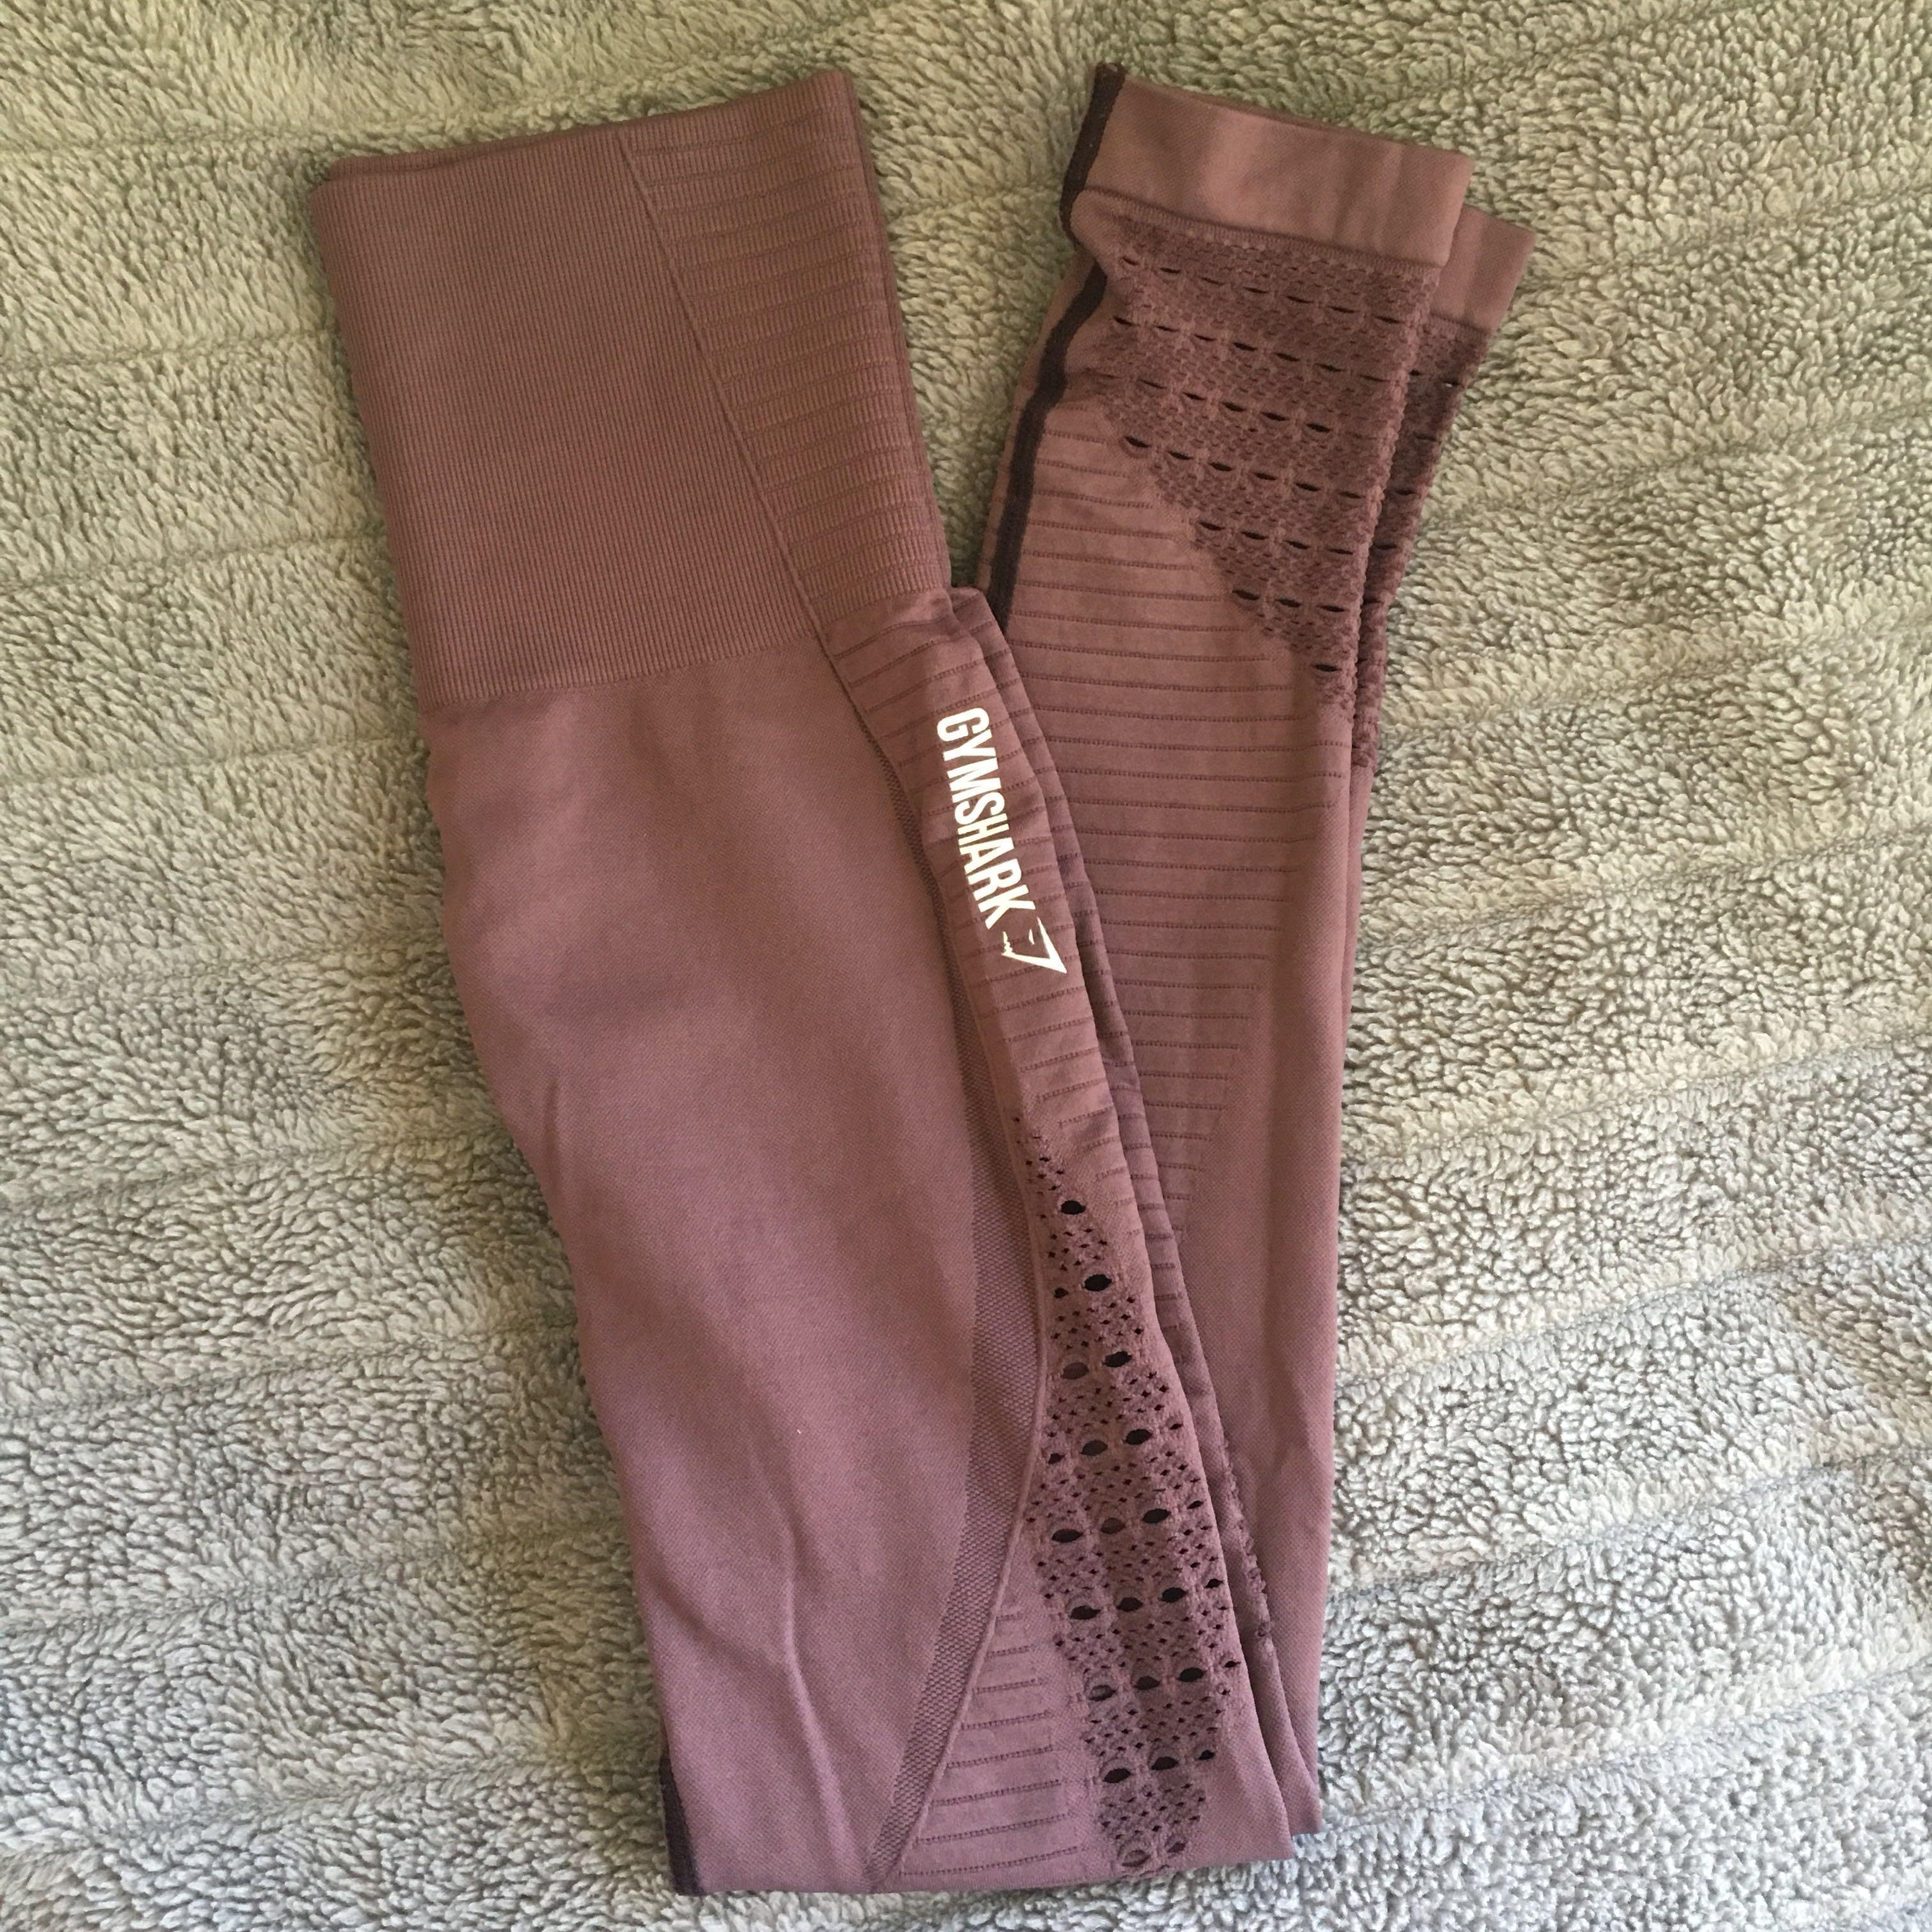 Gymshark seamless energy high waisted leggings